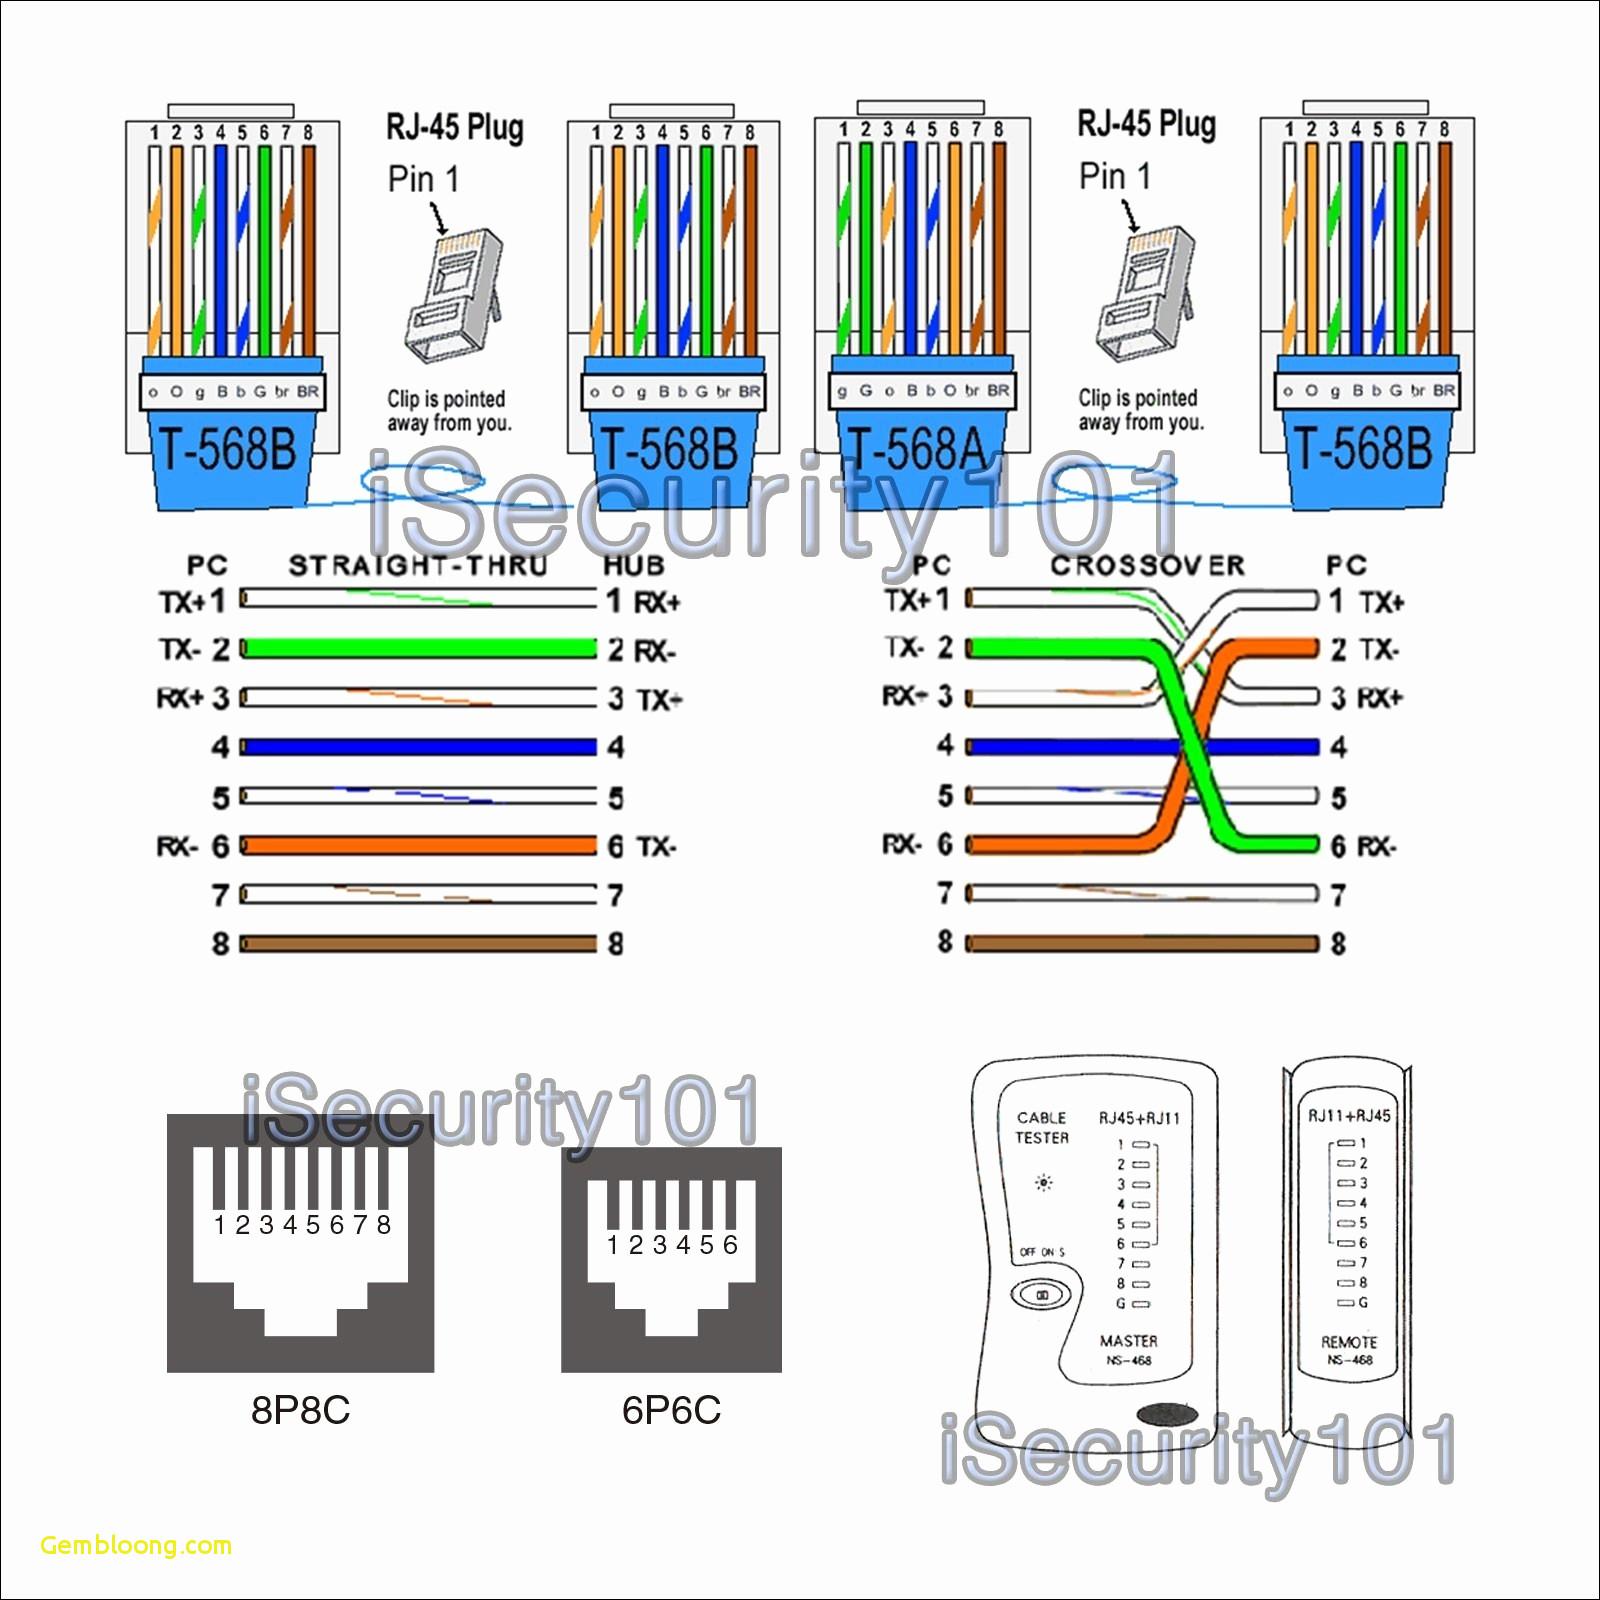 Att Uverse Wiring Diagram   Wiring Diagram - Att Uverse Wiring Diagram